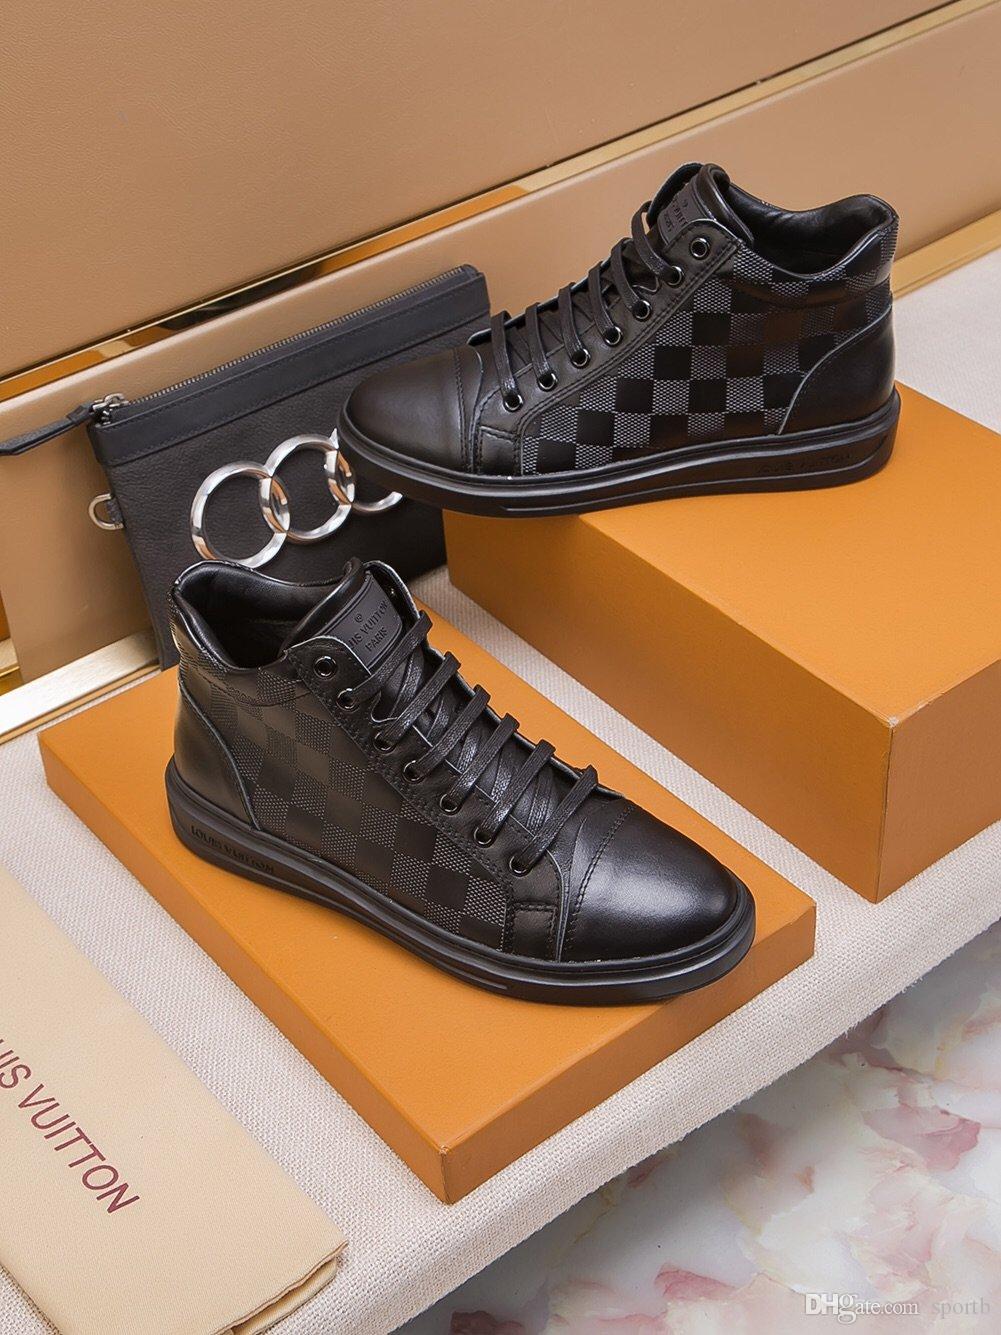 2019 A2 Hochwertige Art und Weise flache Freizeitschuhe Herrenschuhe, Luxus-High-Top-Spitze-oben Turnschuhe original Box-Verpackung Zapatos Hombre